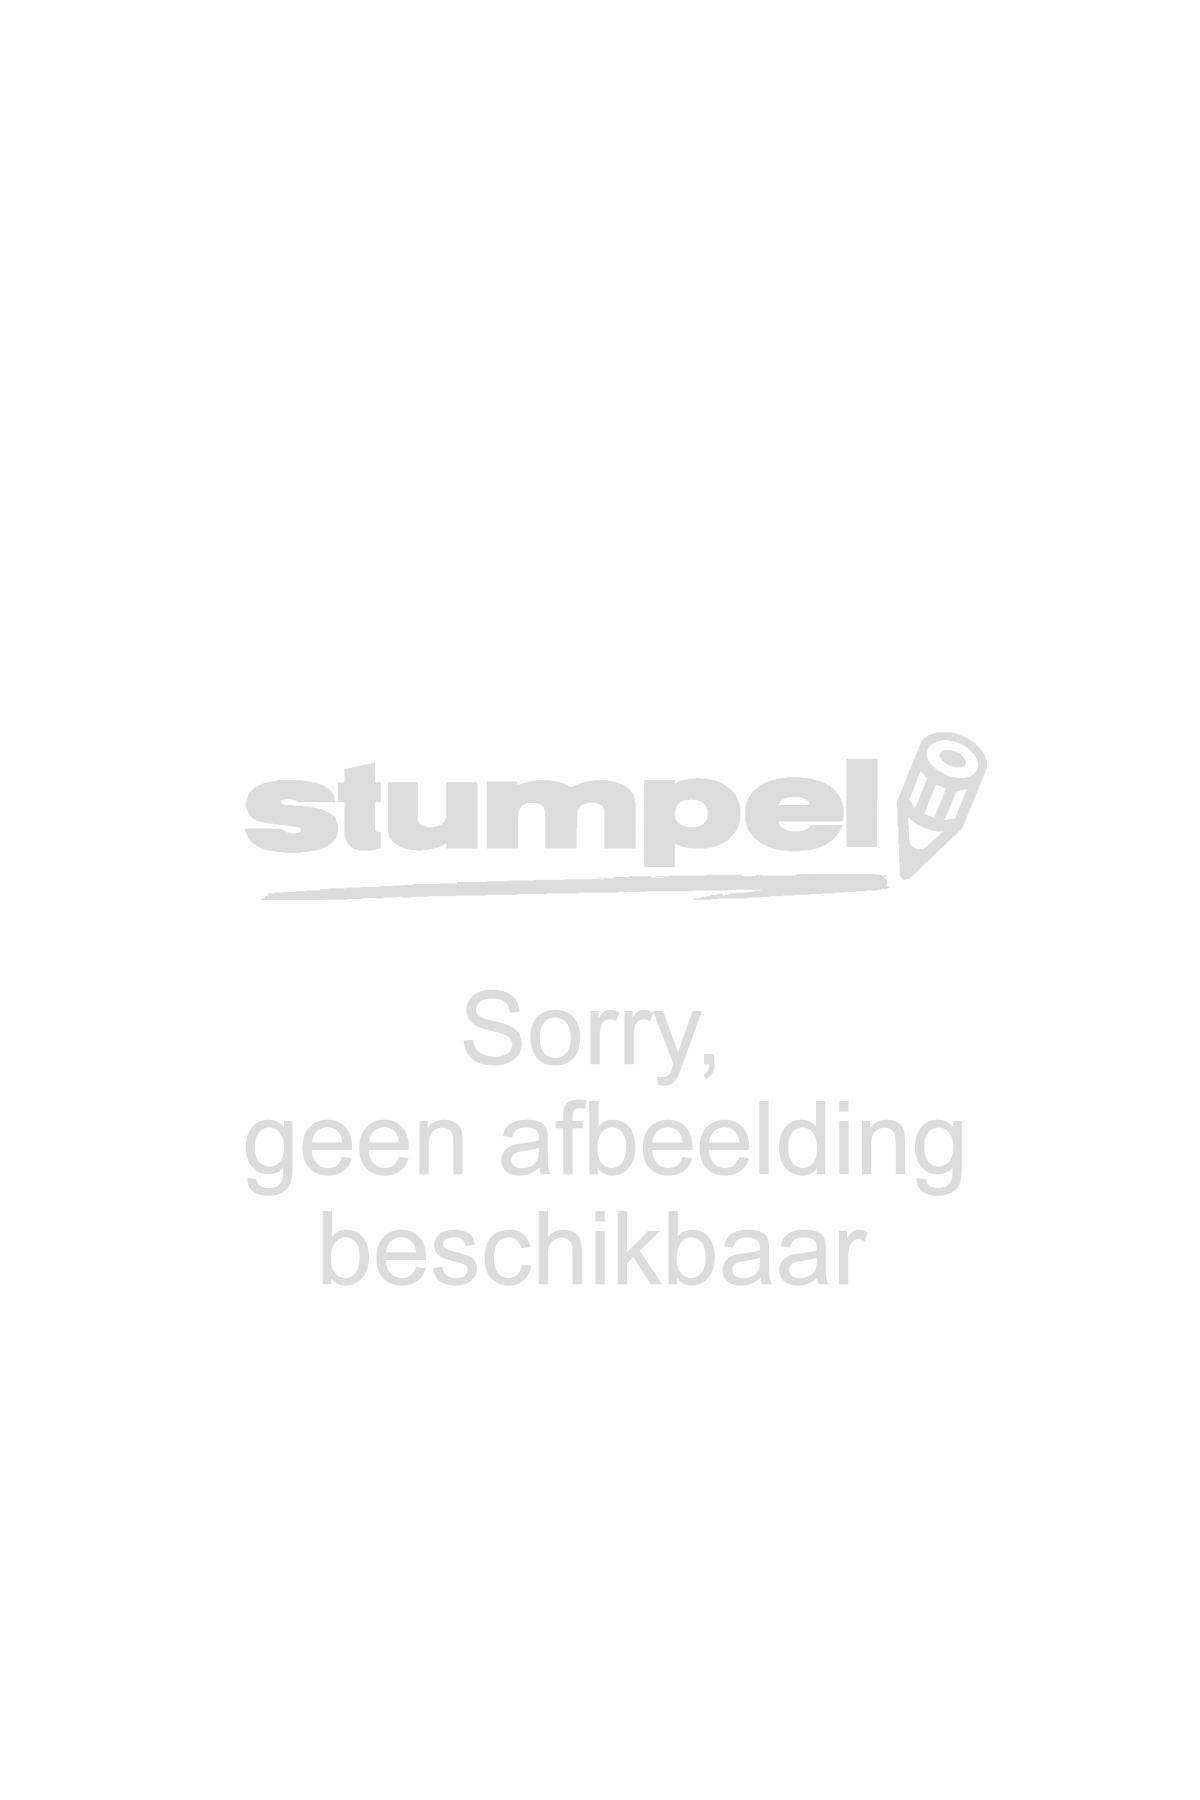 whiteboardstift-lega-tz-100-m-drg-uitwisbaar-zwart-920311